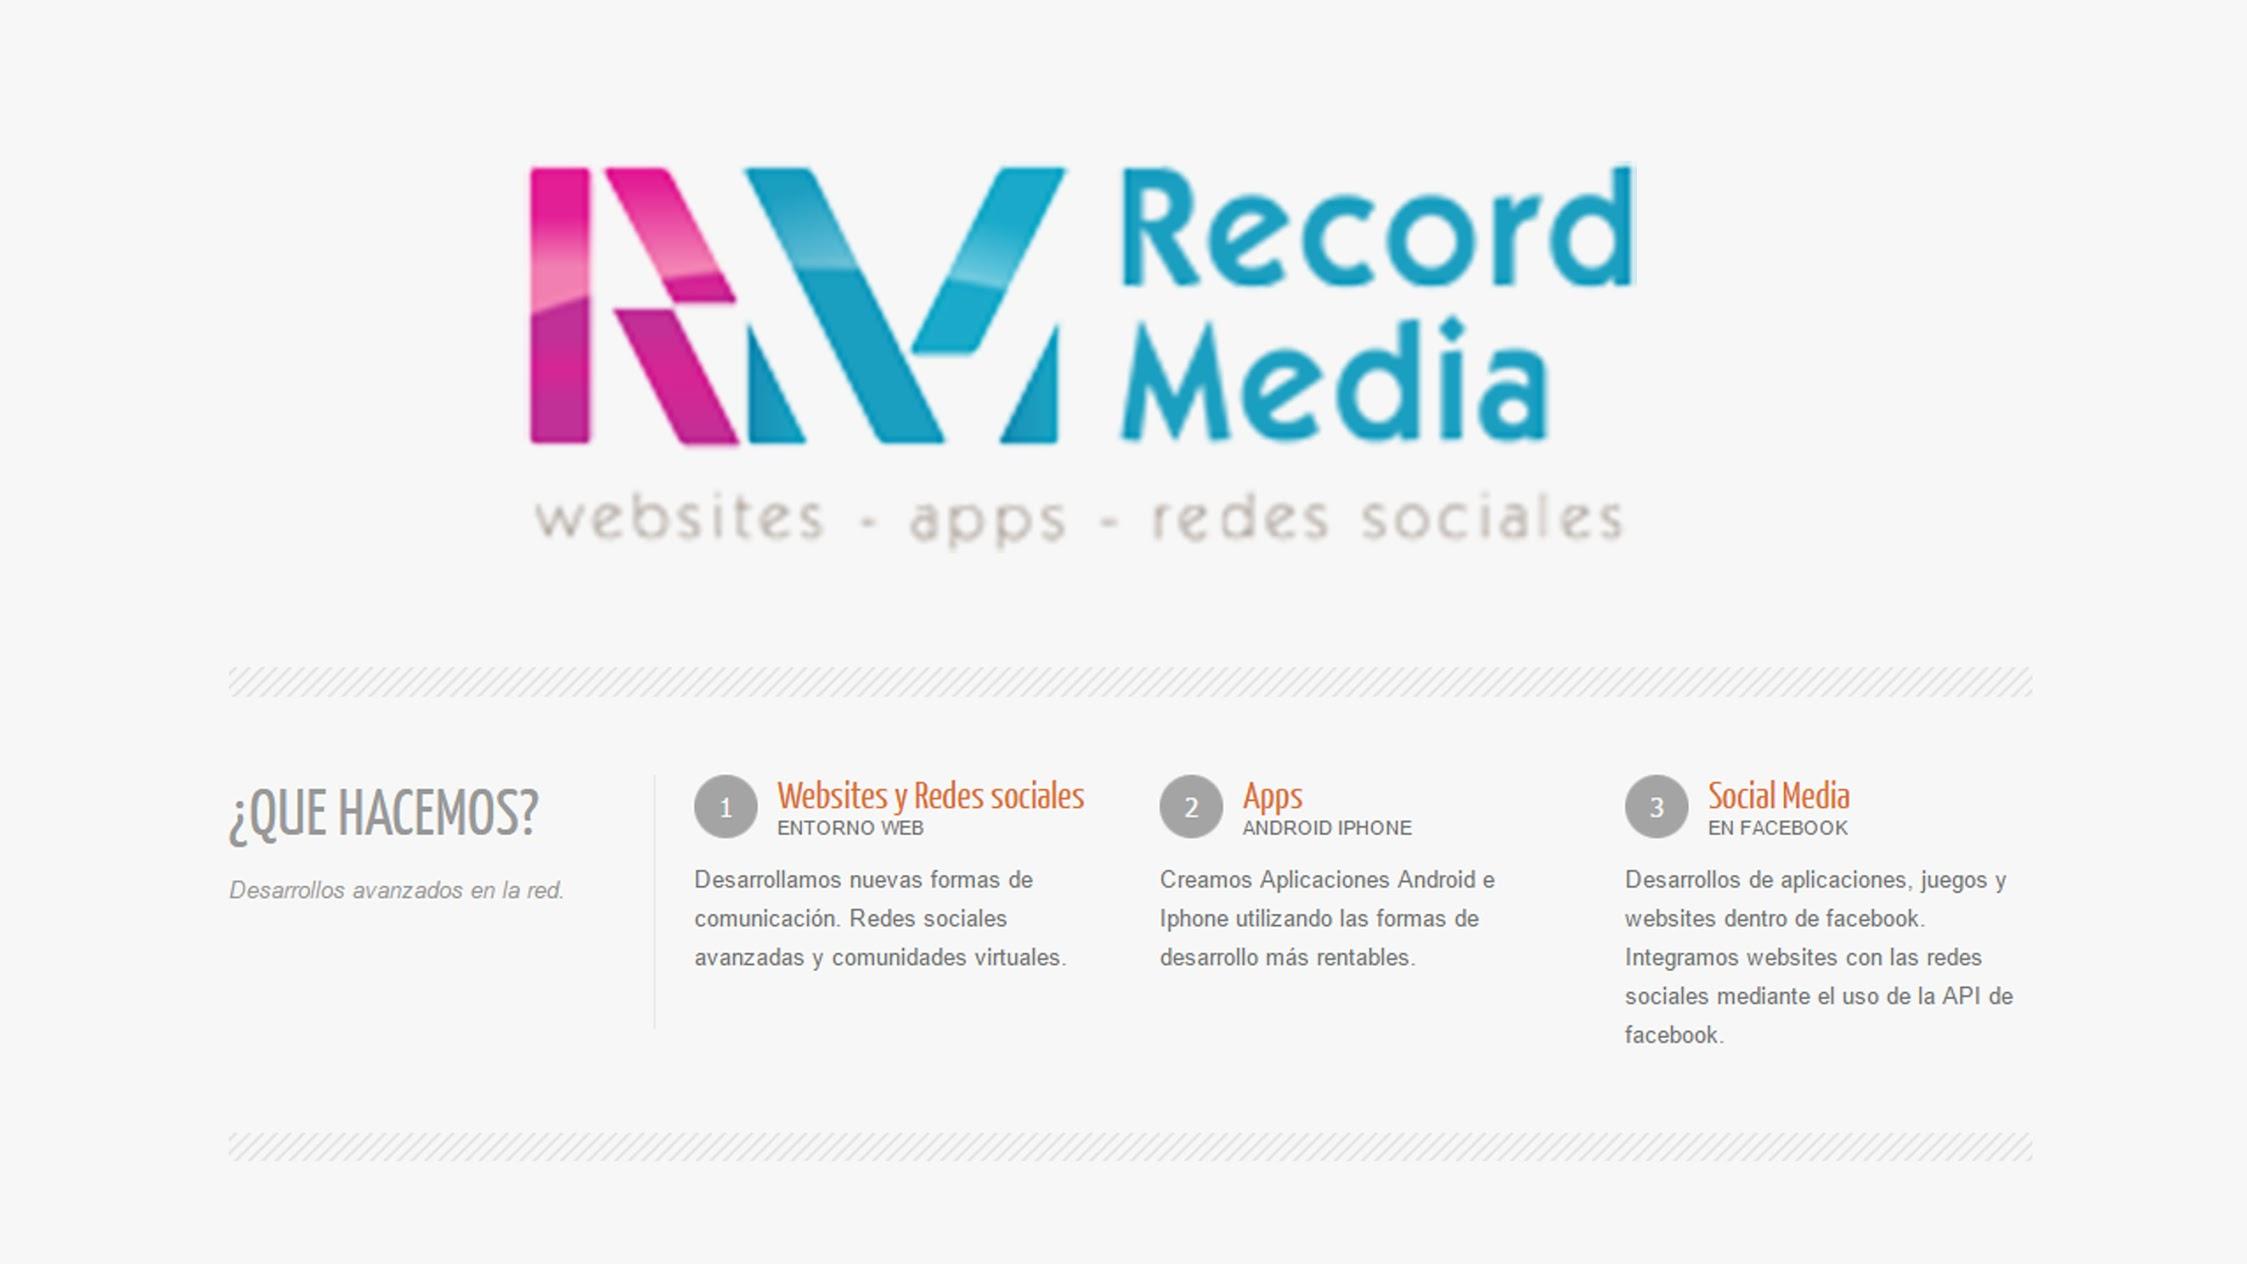 Recordmedia.es